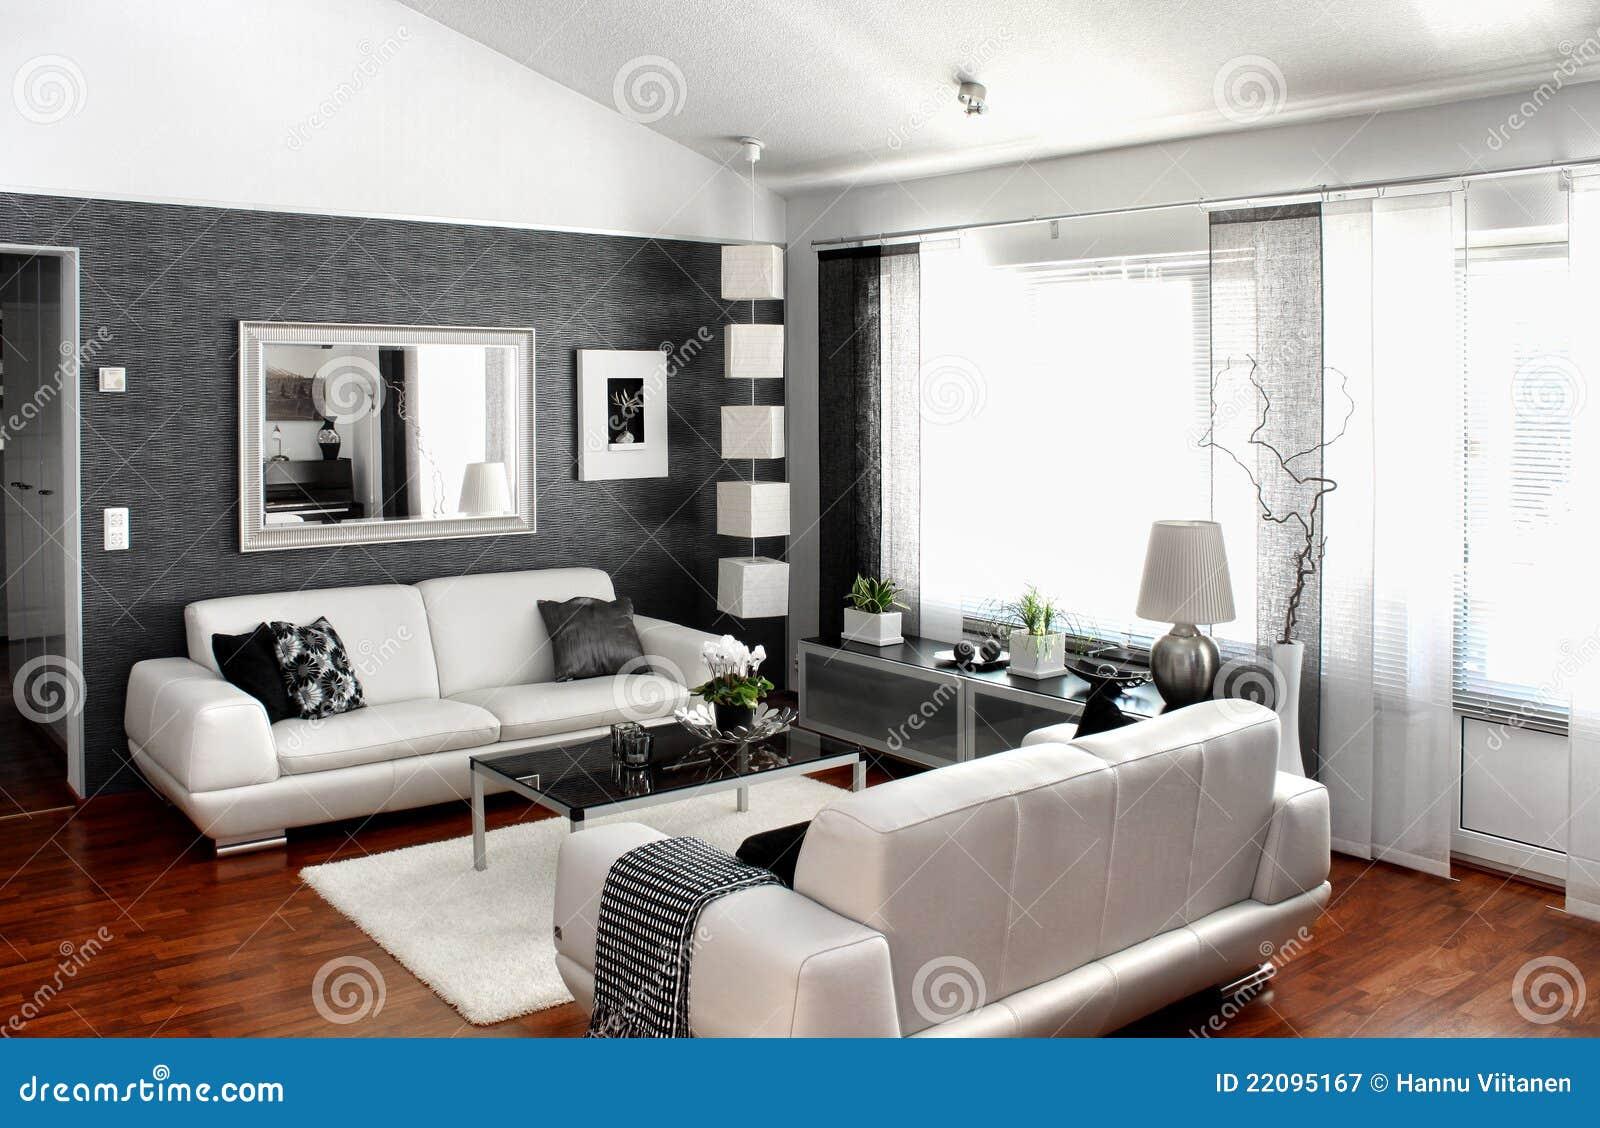 Sala de estar moderna fotograf a de archivo libre de for Muebles para sala de estar modernas